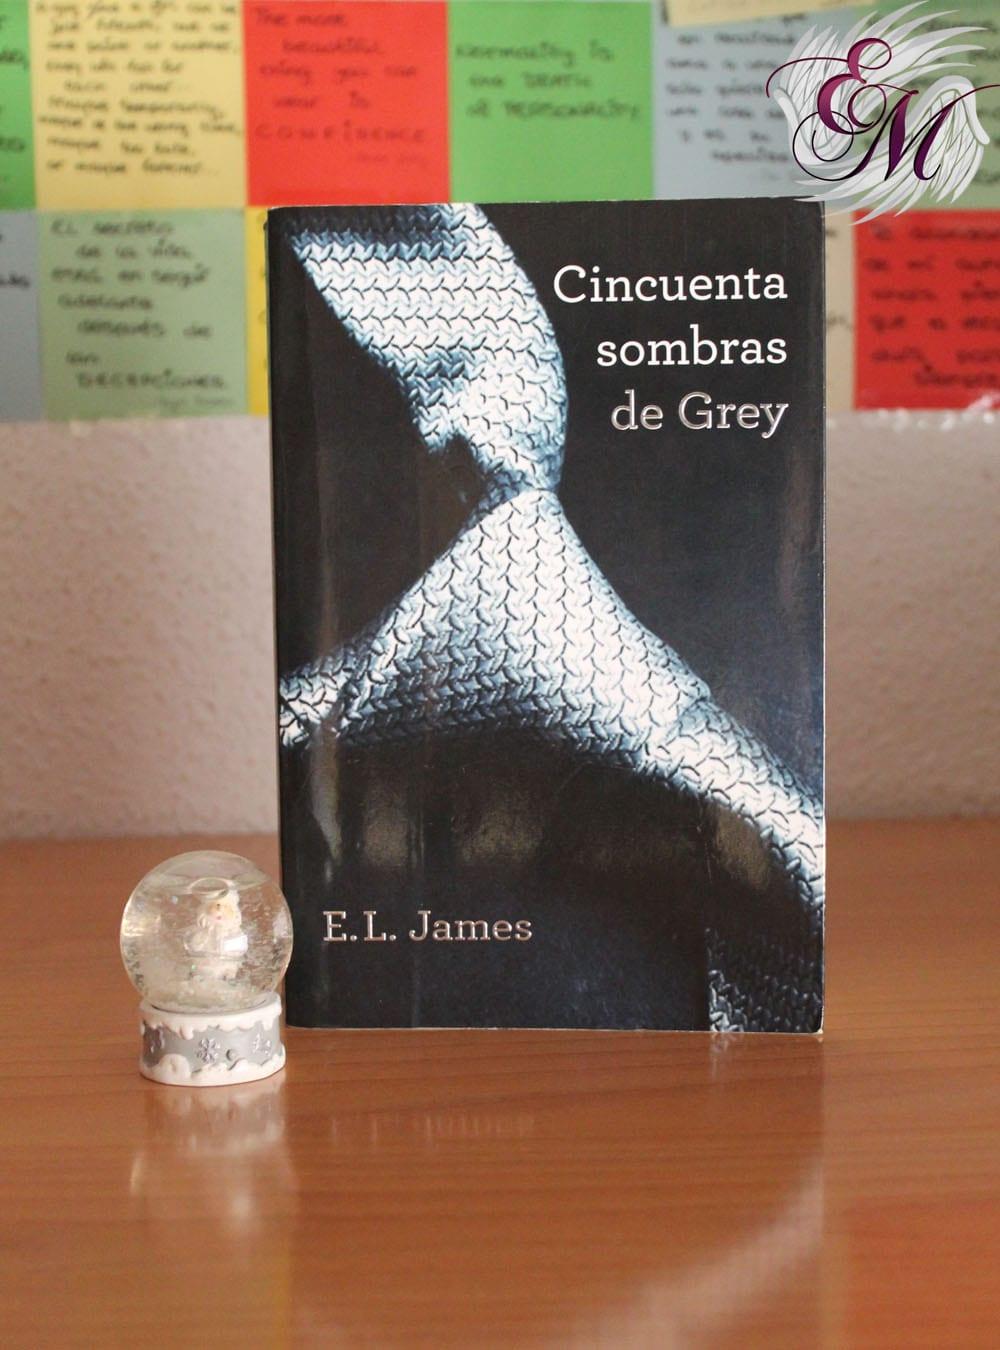 Cincuenta sombras de Grey, E.L.James - Reseña